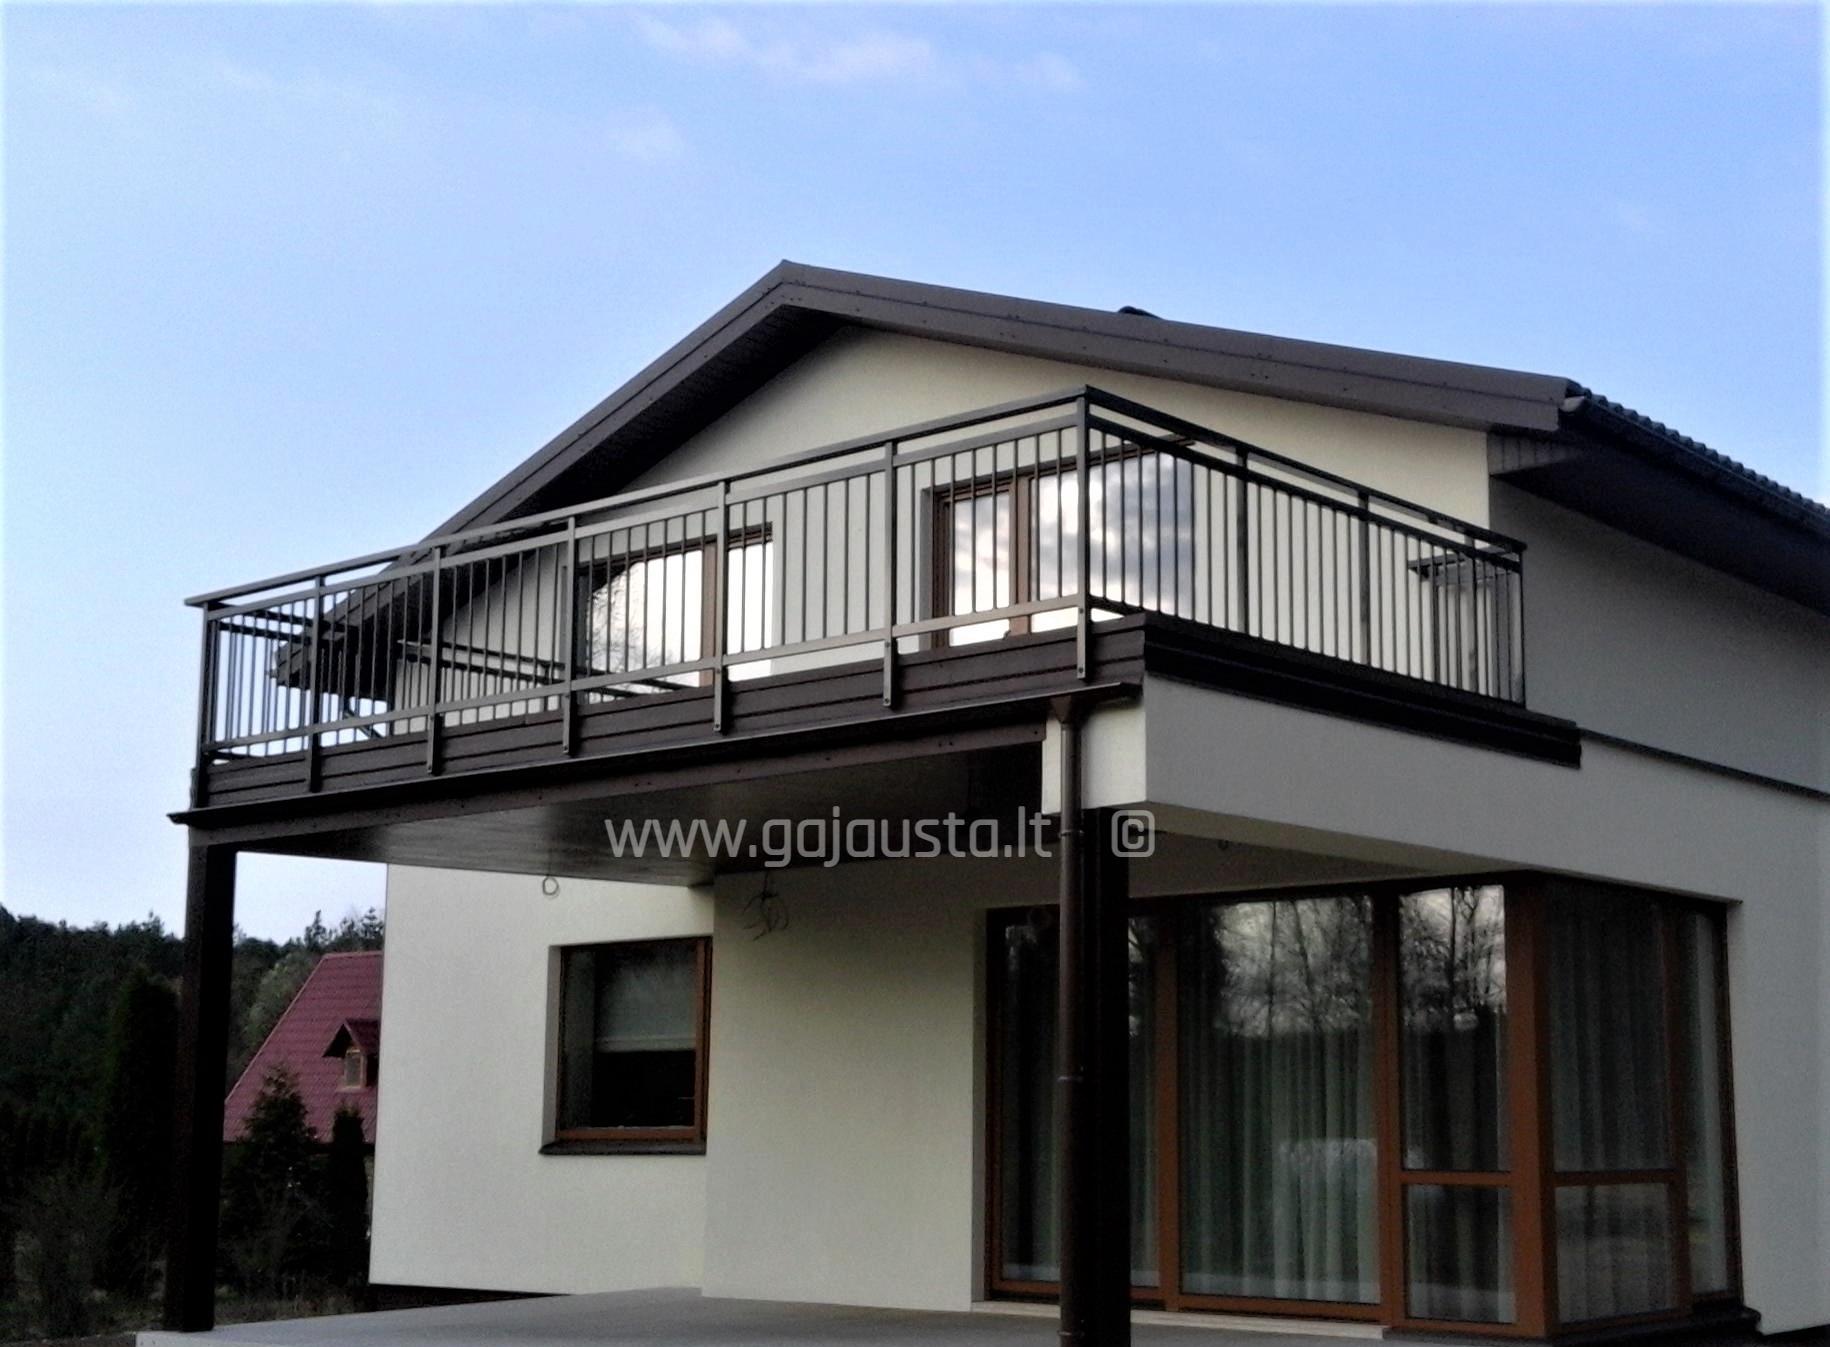 Balkonas_aliuminio_d20_5eiles1-ink